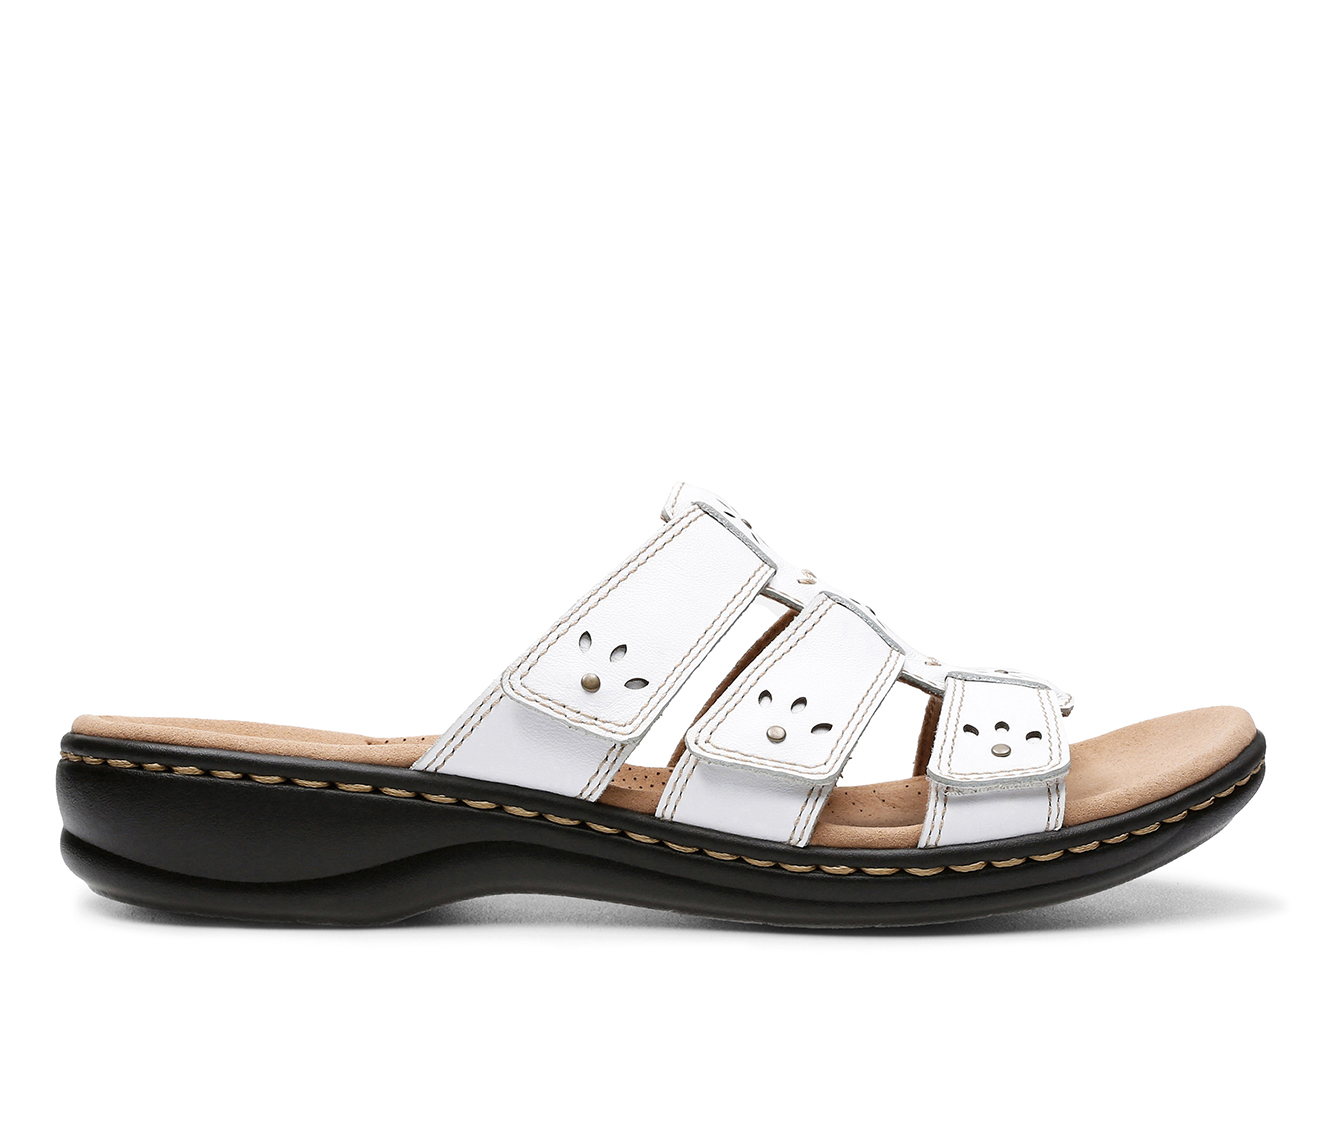 Clarks Leisa Spring Women's Sandal (White Leather)